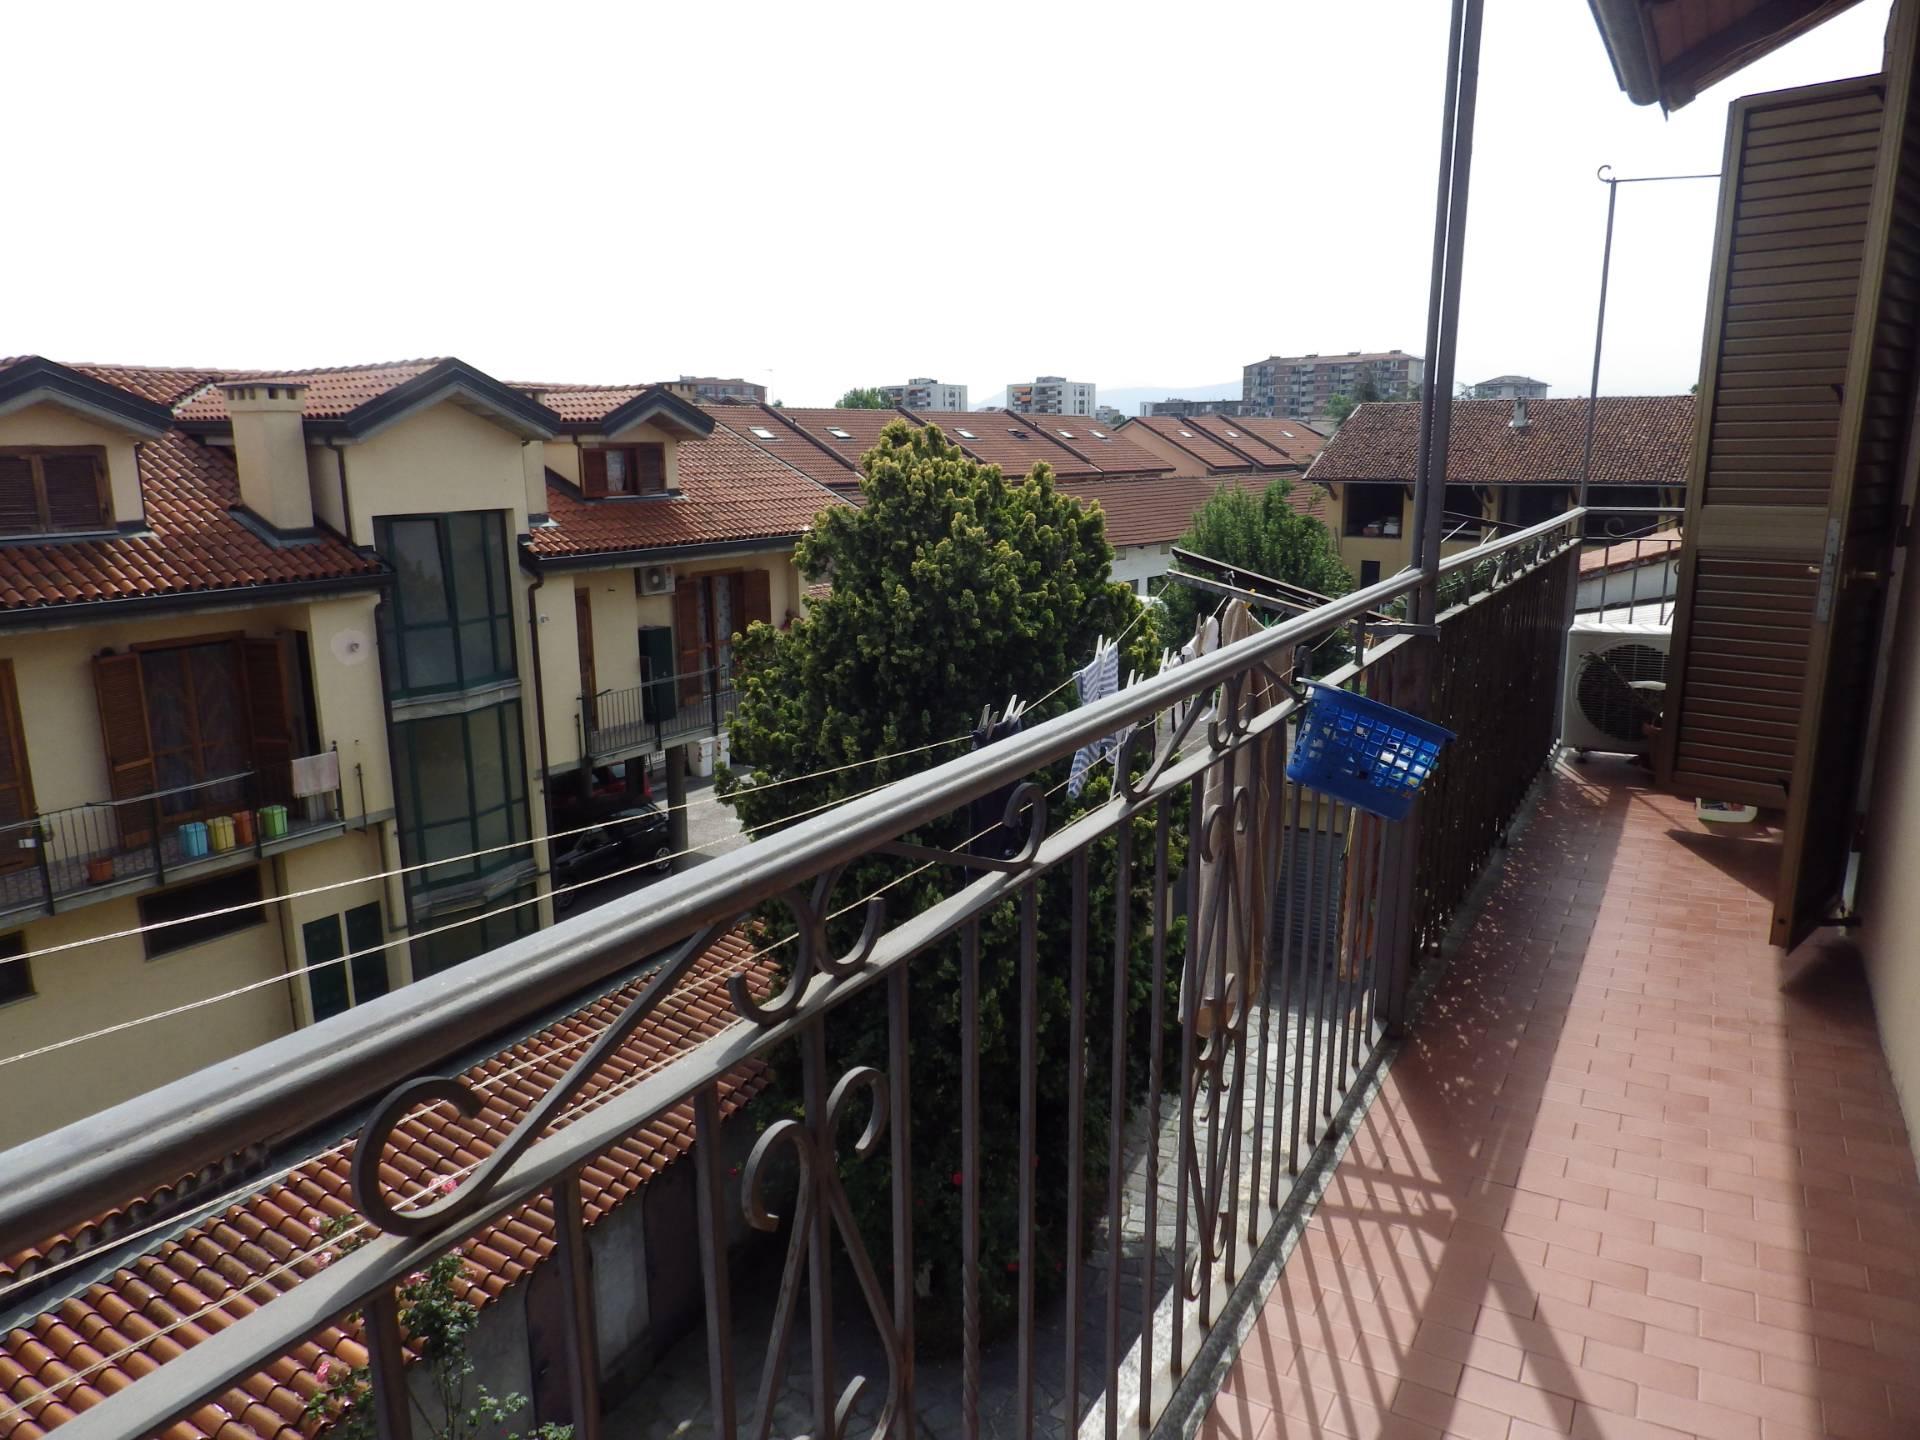 Appartamento in vendita a Grugliasco, 2 locali, zona Località: CentroStorico, prezzo € 75.000 | CambioCasa.it